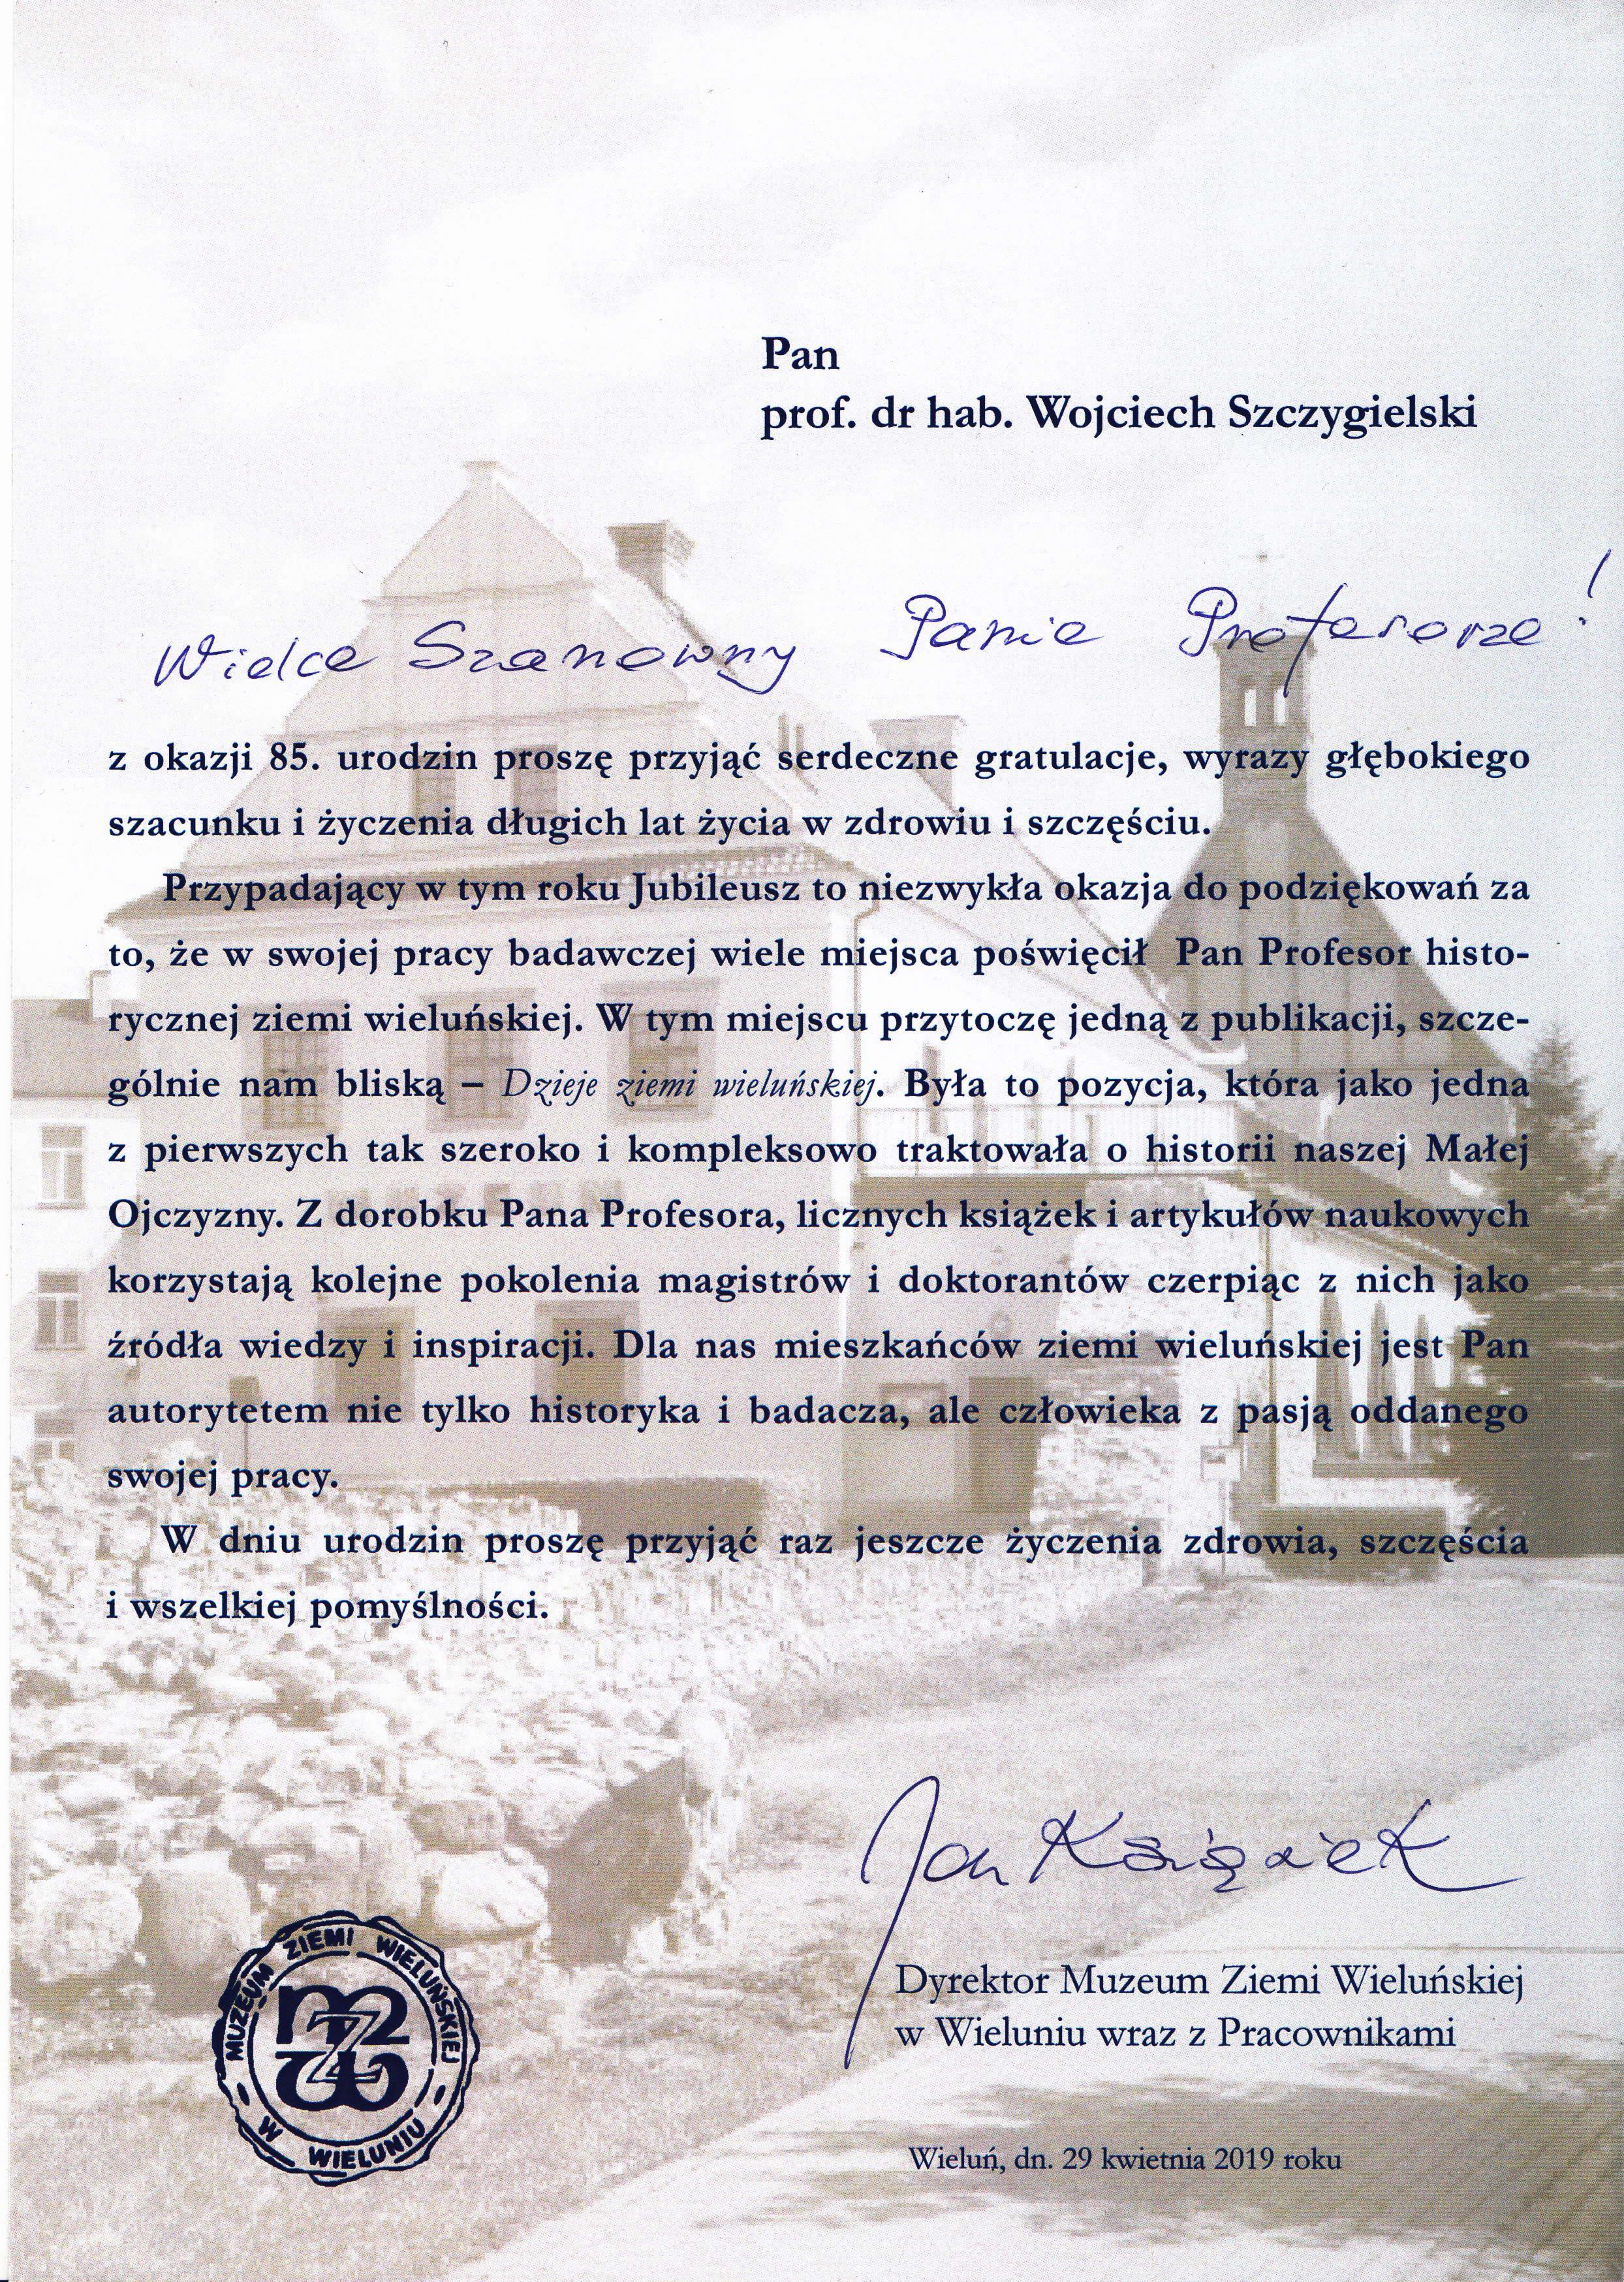 Życzenia z okazji 85. rocznicy urodzin od Dyrektora Muzeum Ziemi Wieluńskiej (2019 r.)